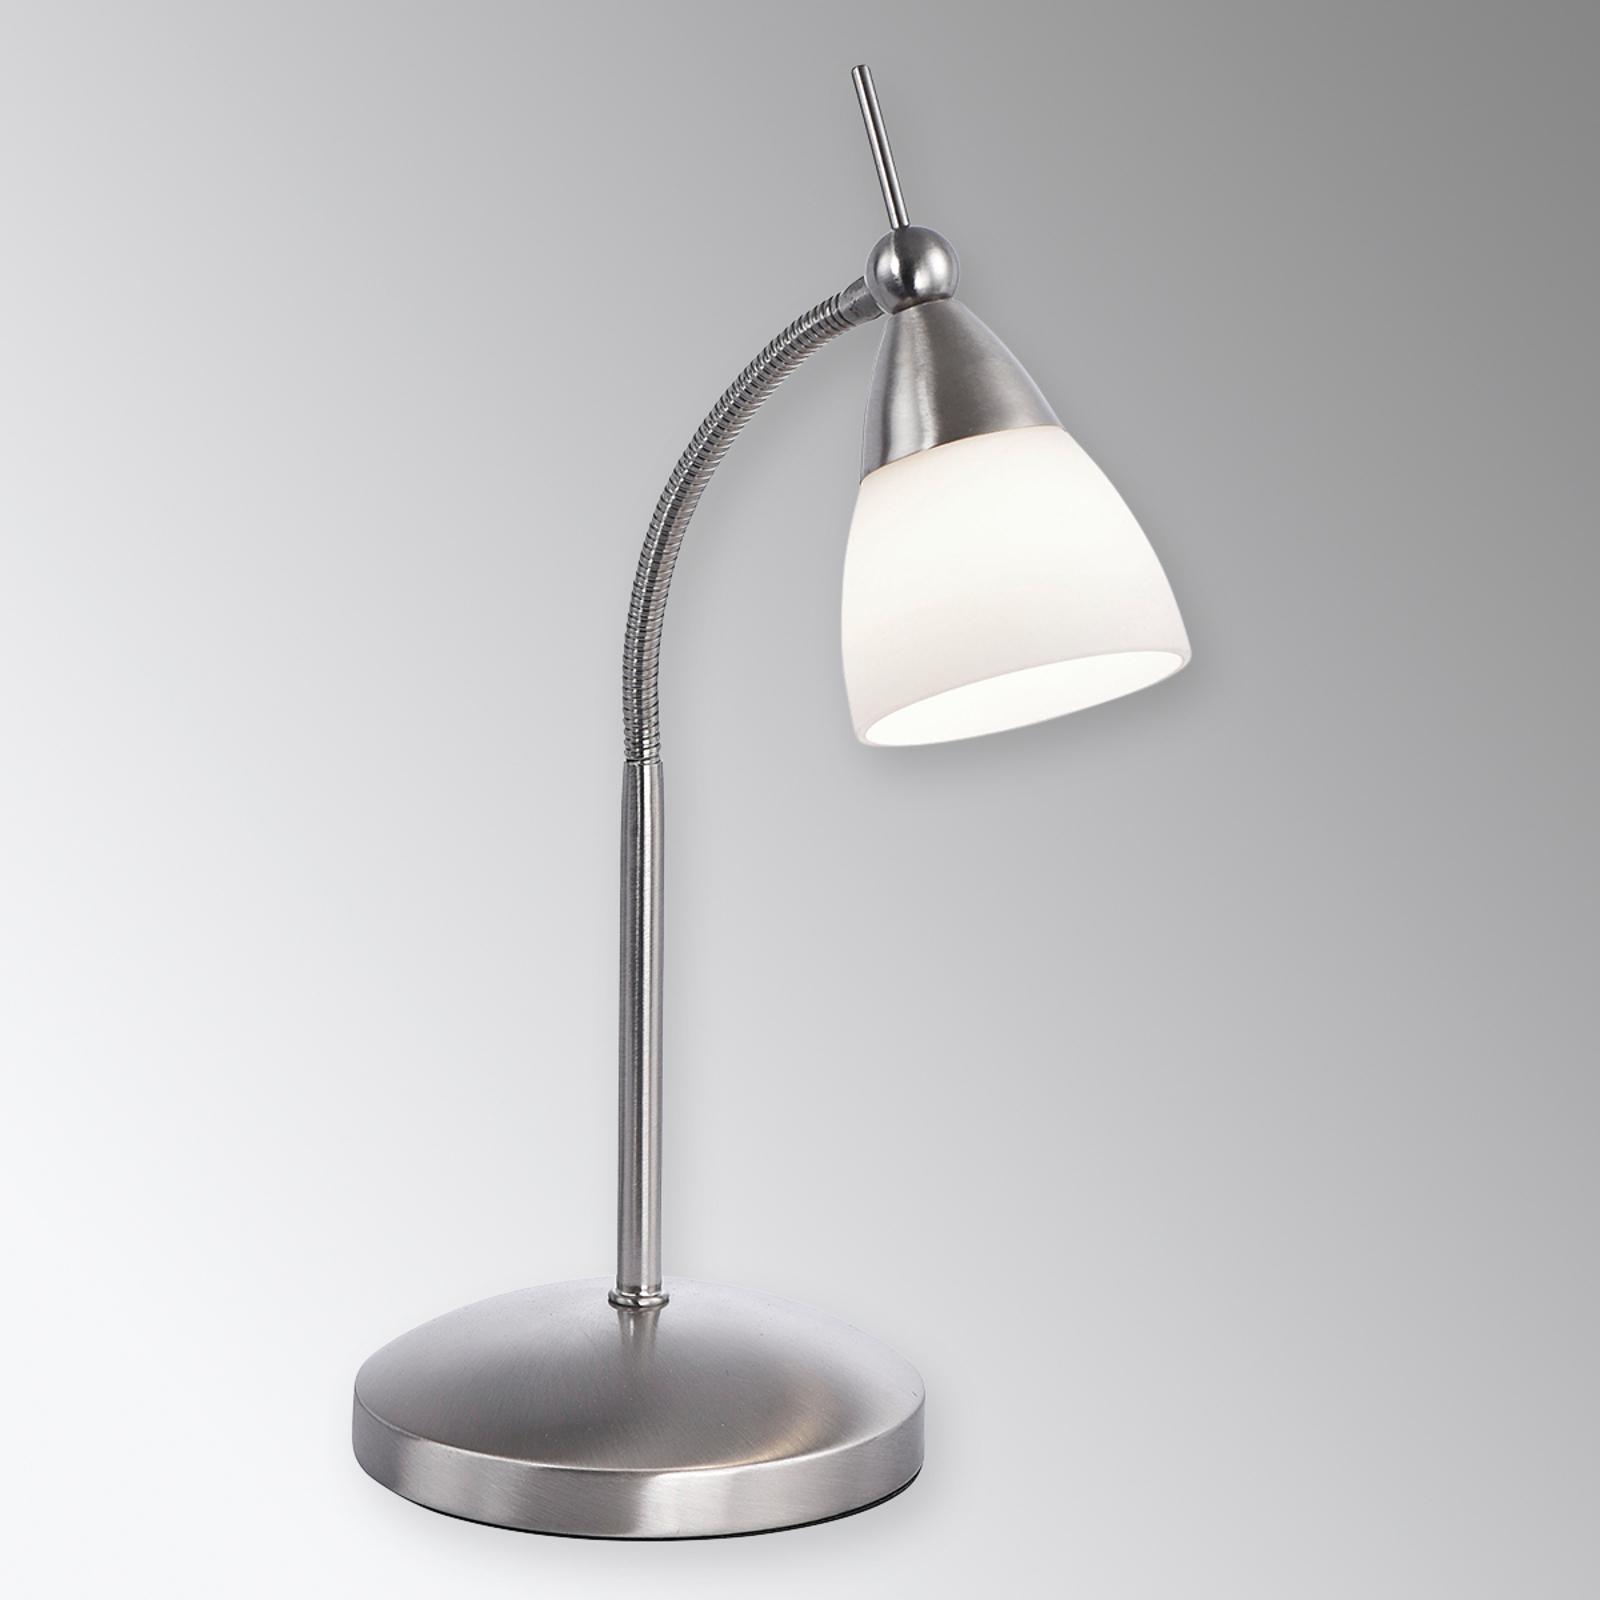 Pino - eine klassische Tischleuchte mit LED-Lampe